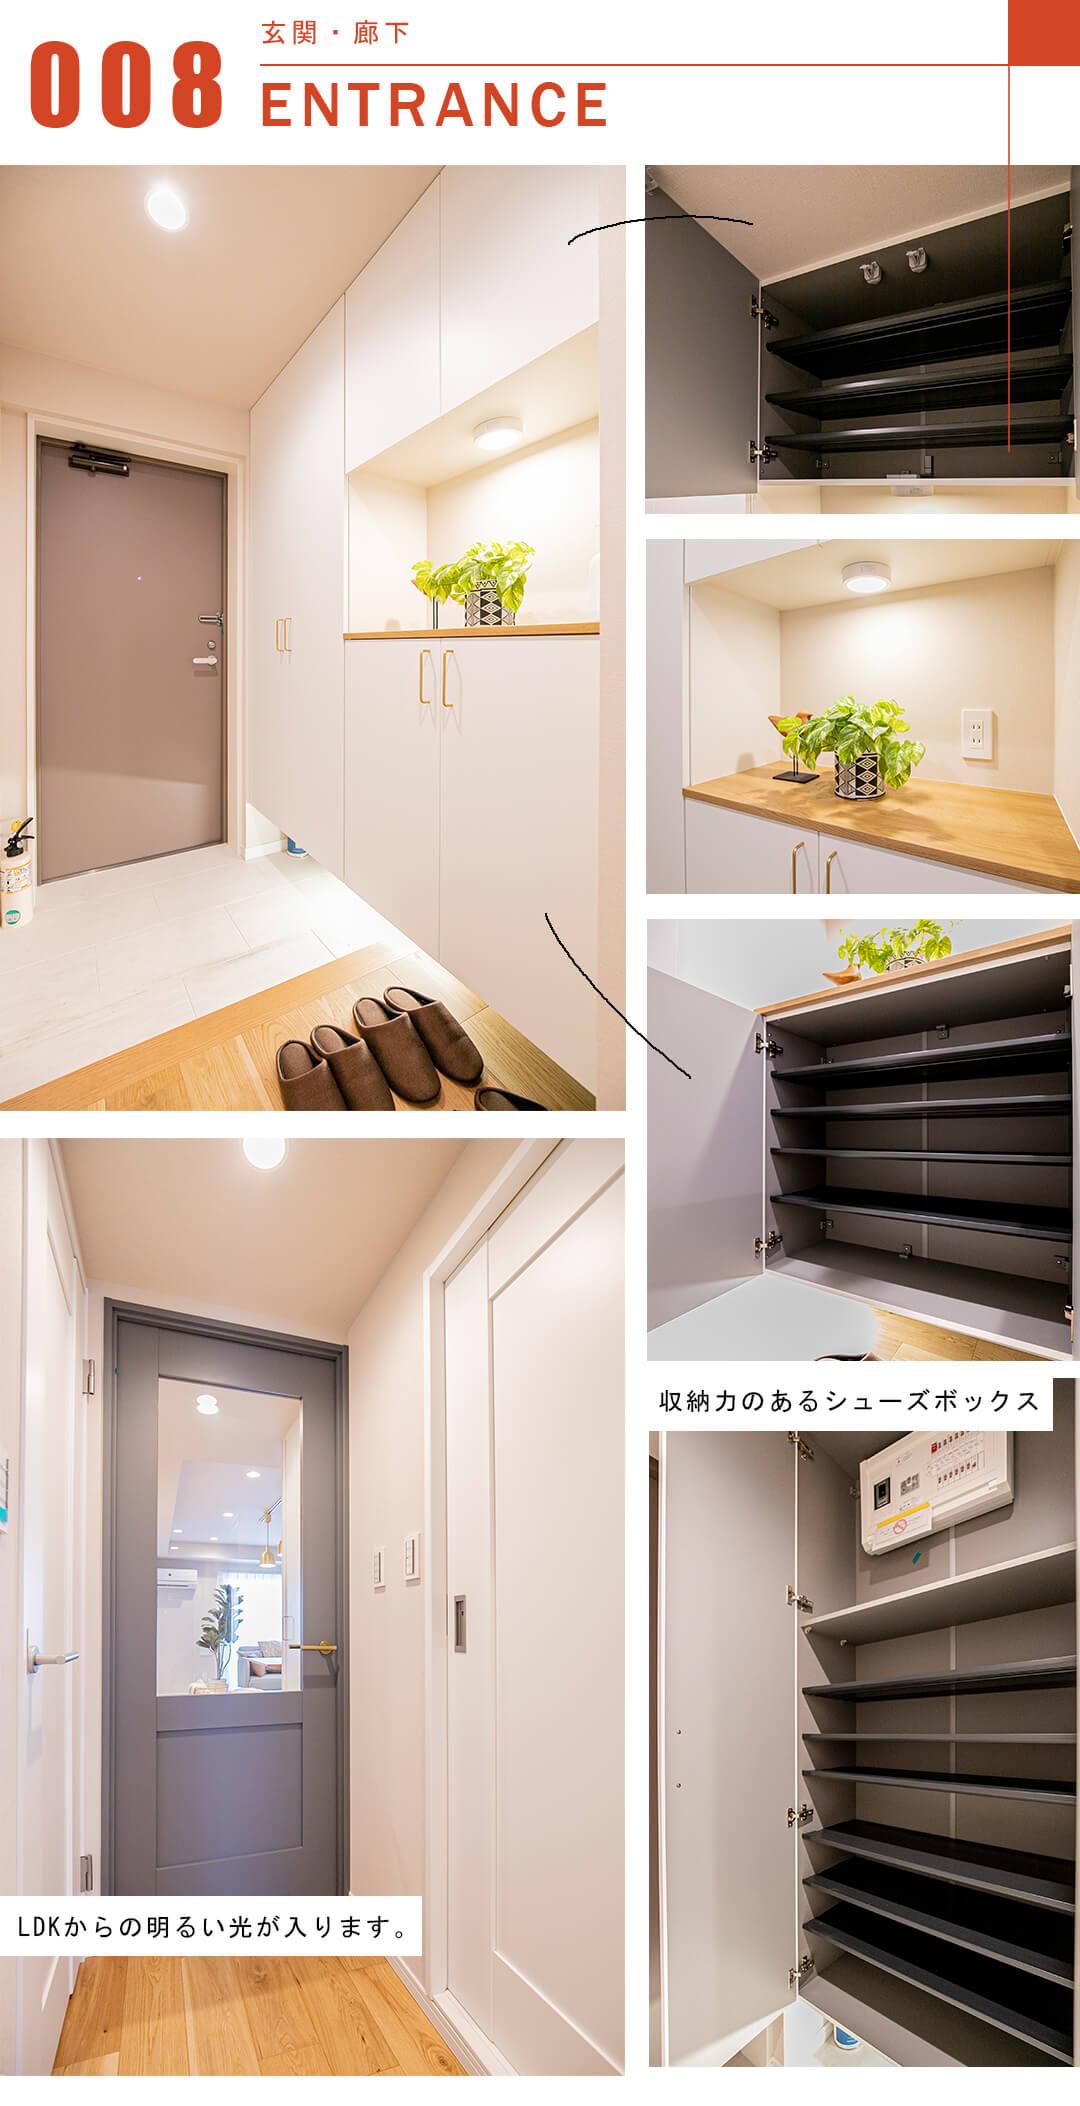 ガーデンホーム笹塚の玄関と廊下